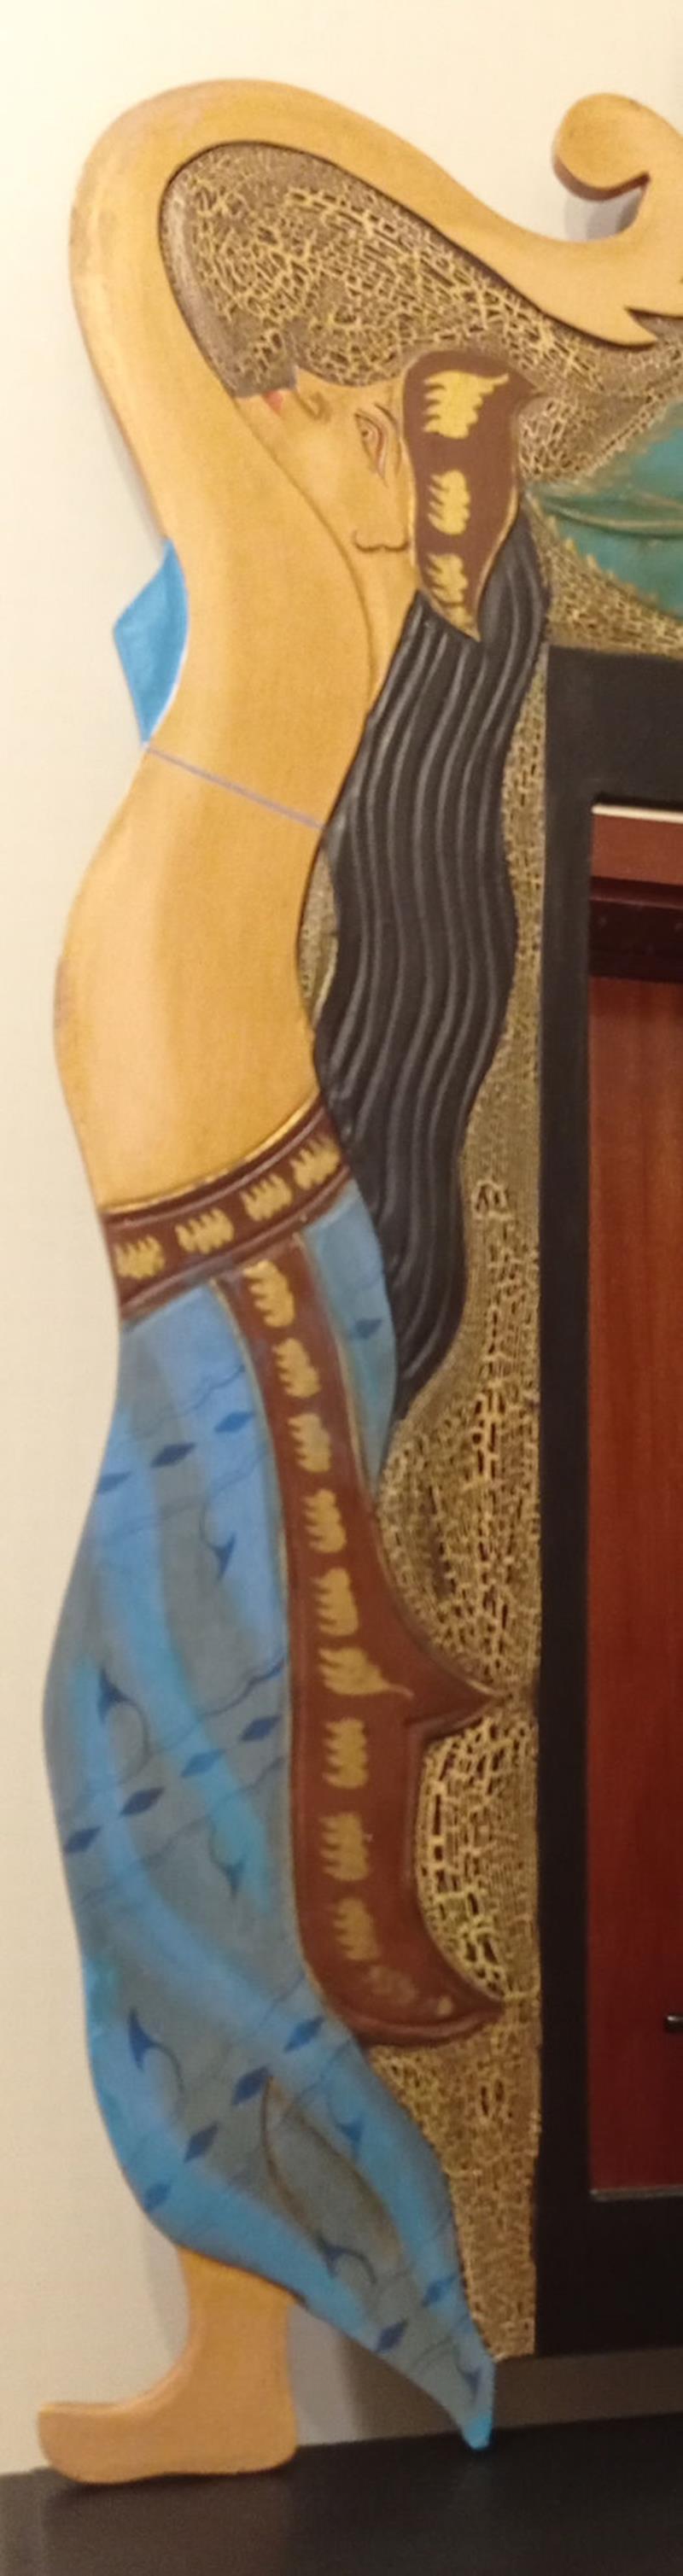 Indian bikinili kizlar boyutlu tasarım ahşap ayna resmi